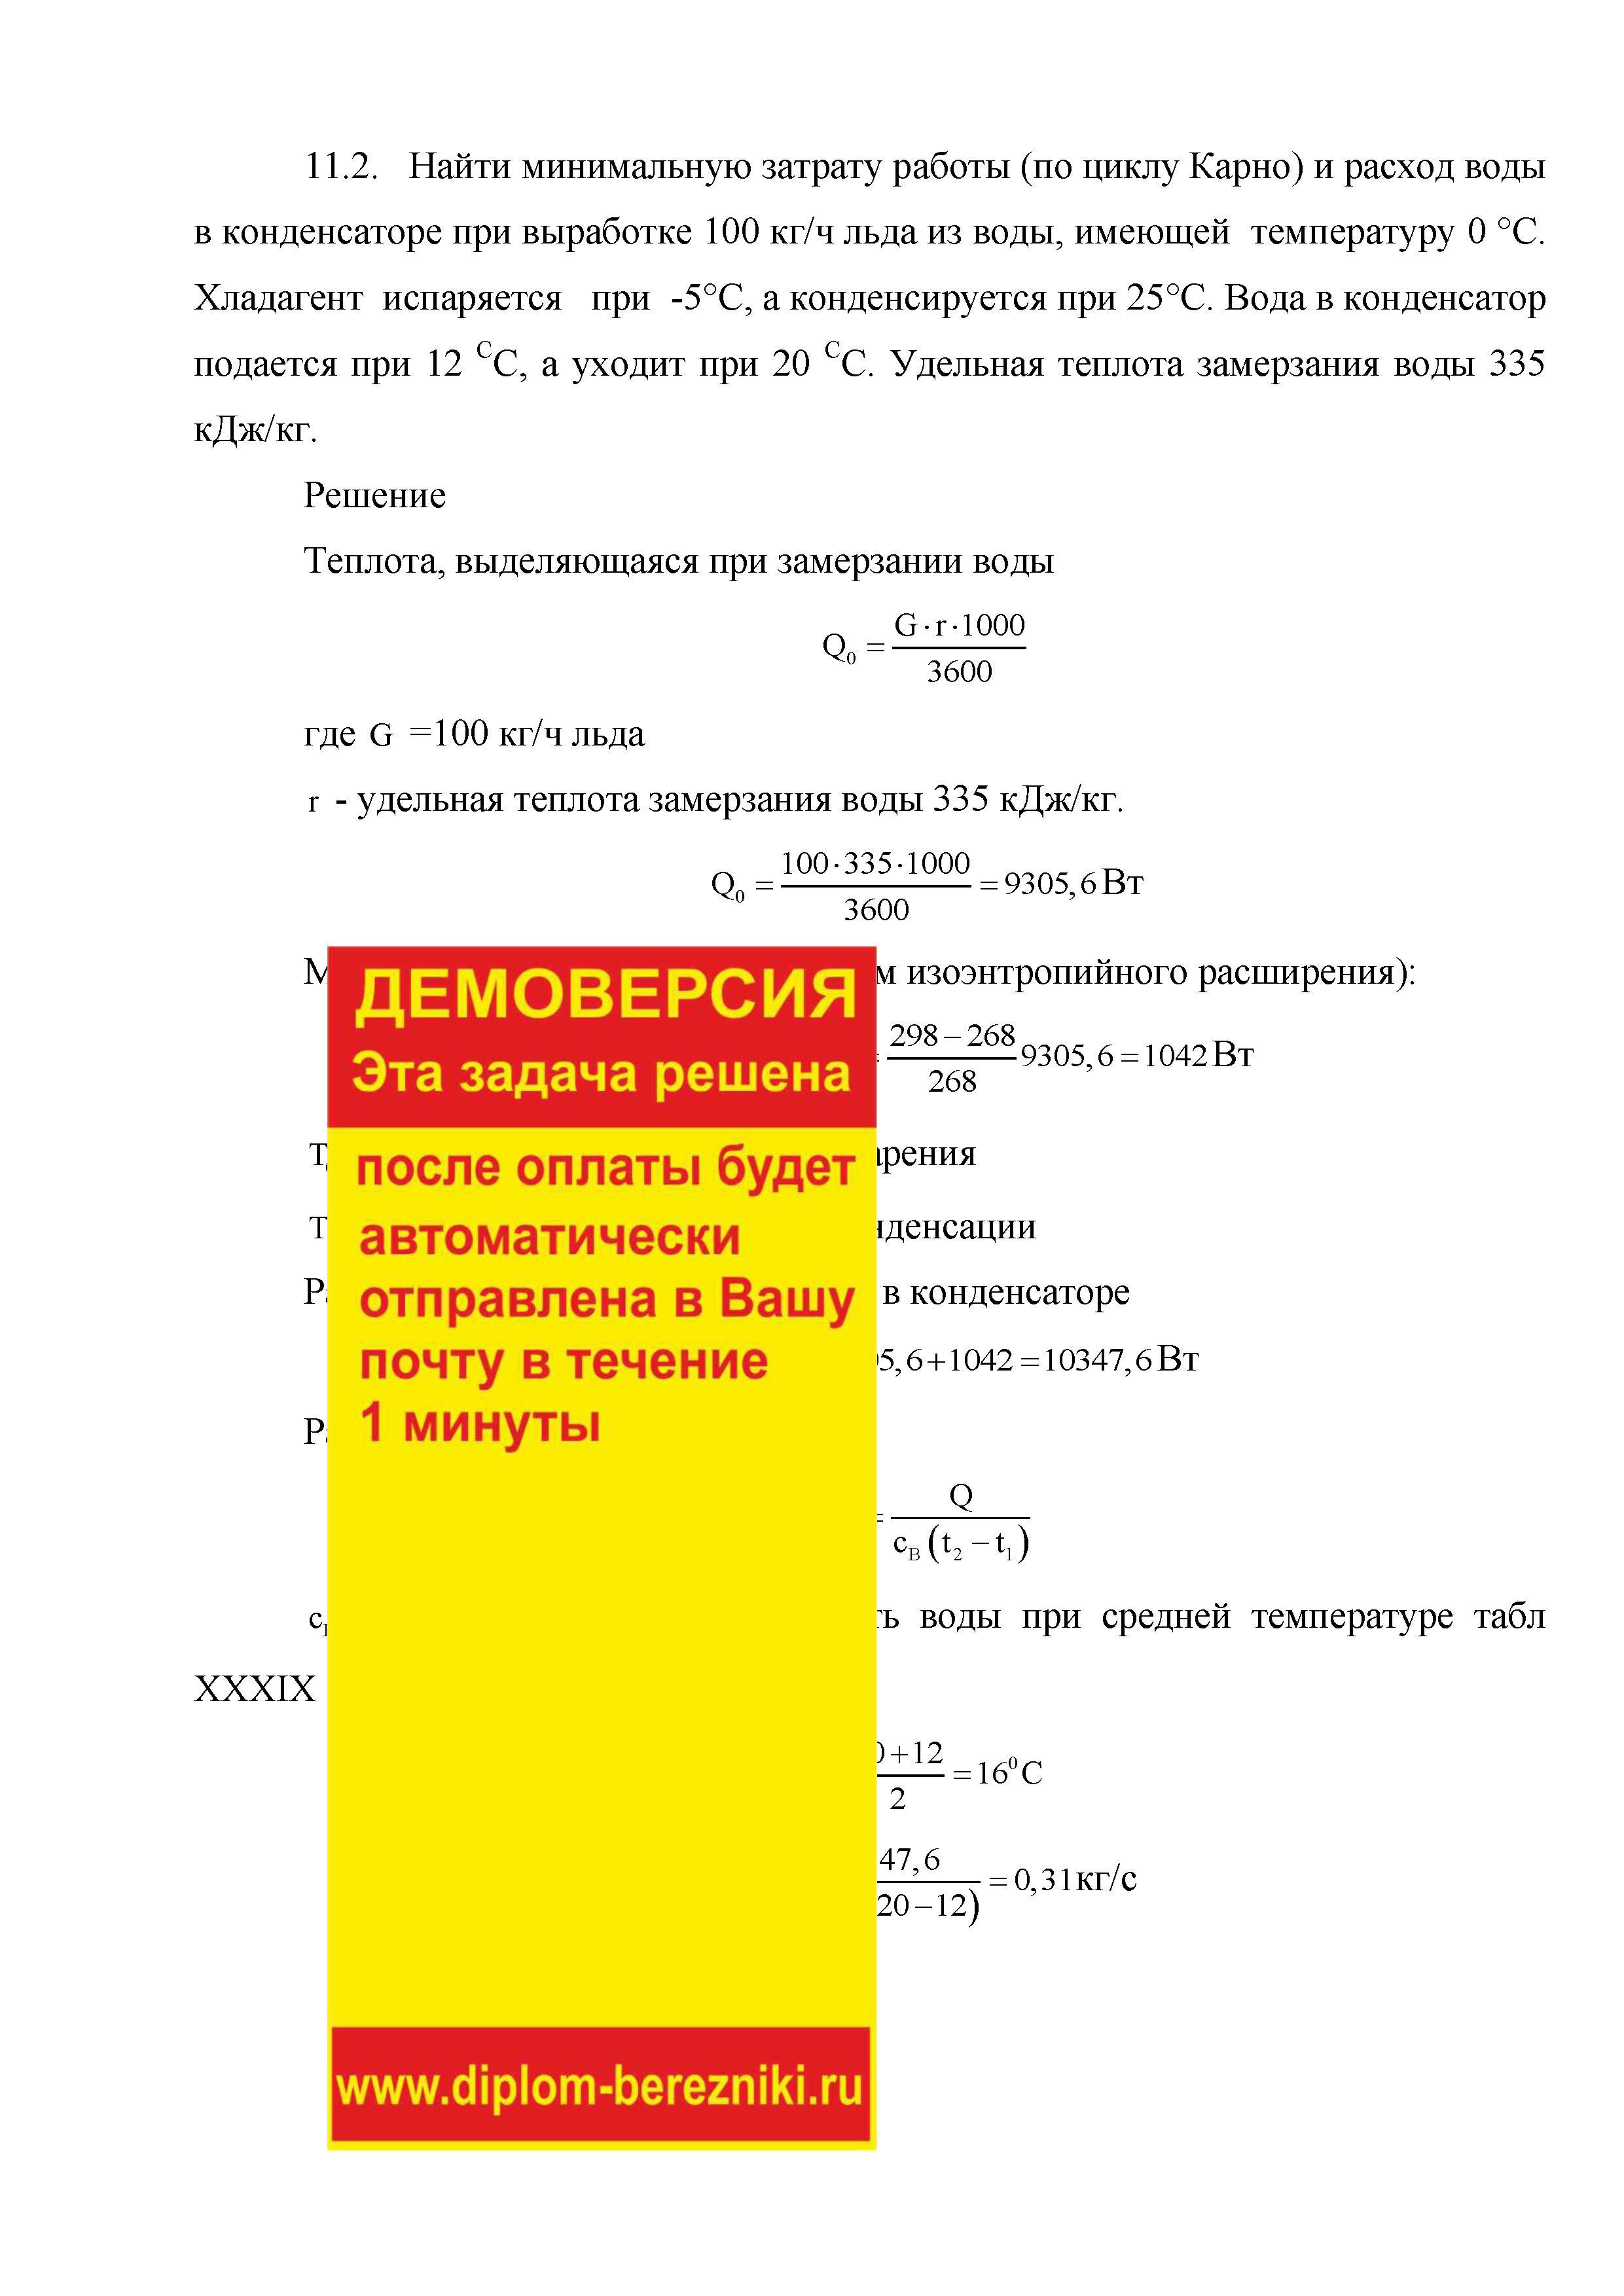 Решение задачи 11.2 по ПАХТ из задачника Павлова Романкова Носкова